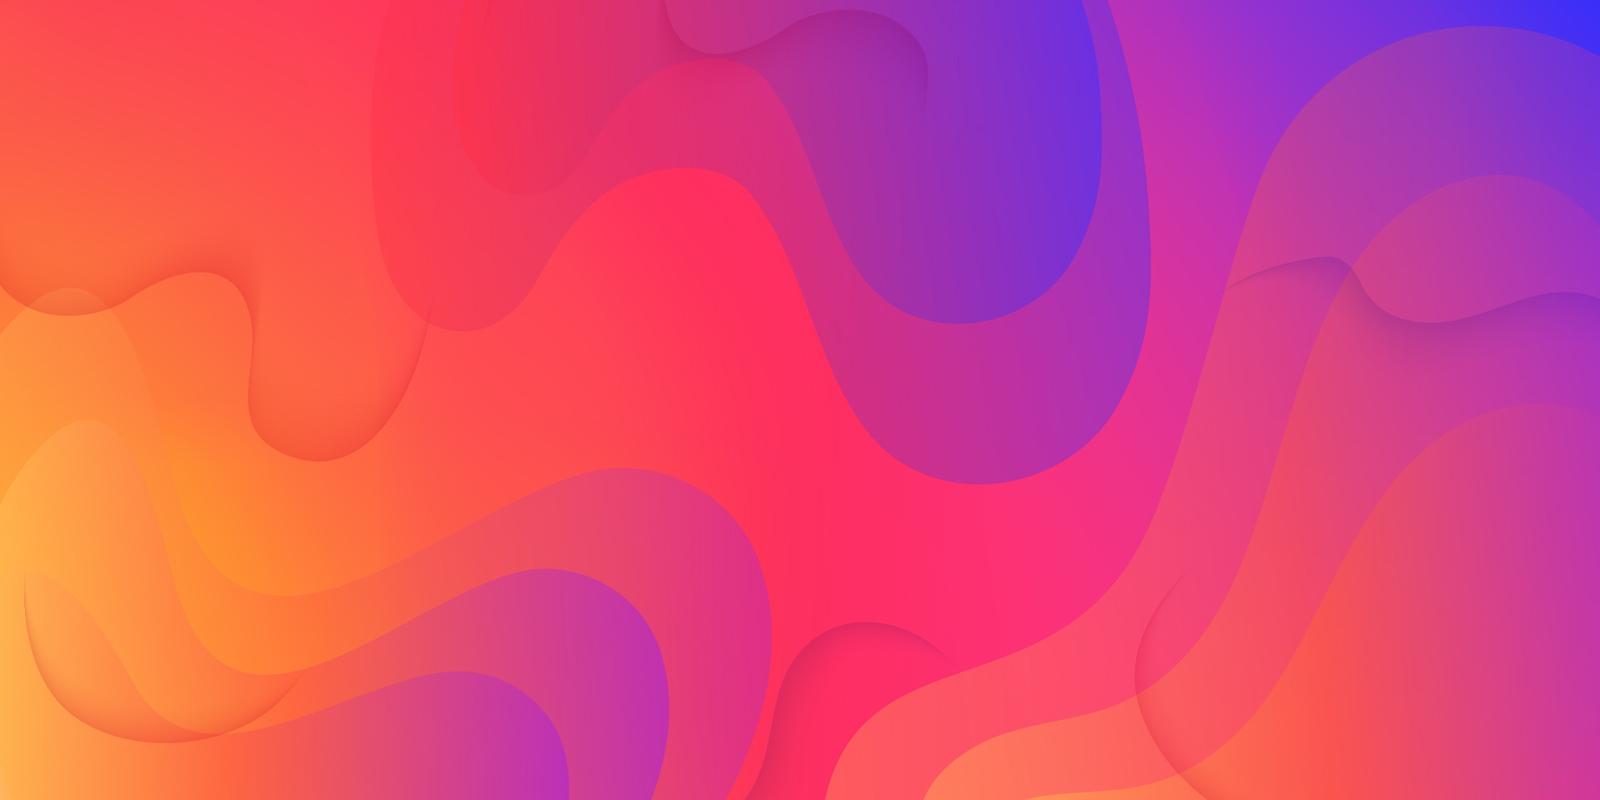 Download Free Vectors Clipart Graphics Vector Art & Design